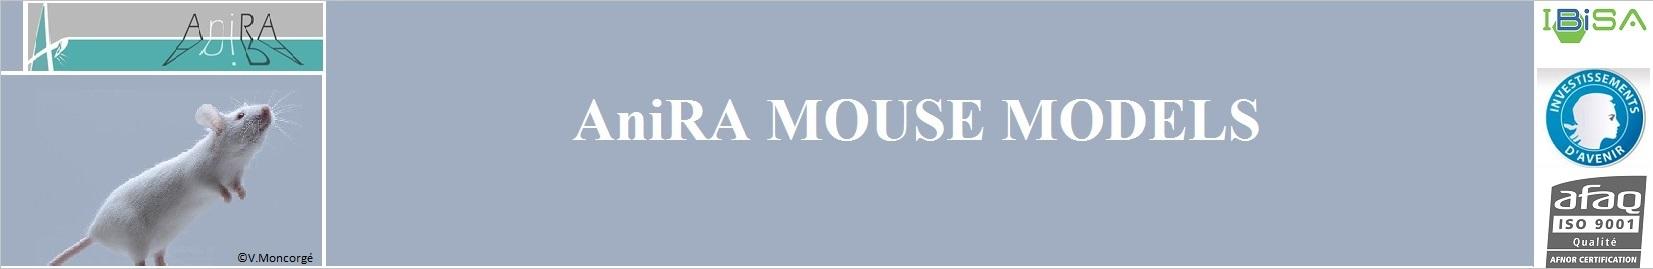 https://www.sfr-biosciences.fr/projets-labellises/Anira/mousemodels/leadImage